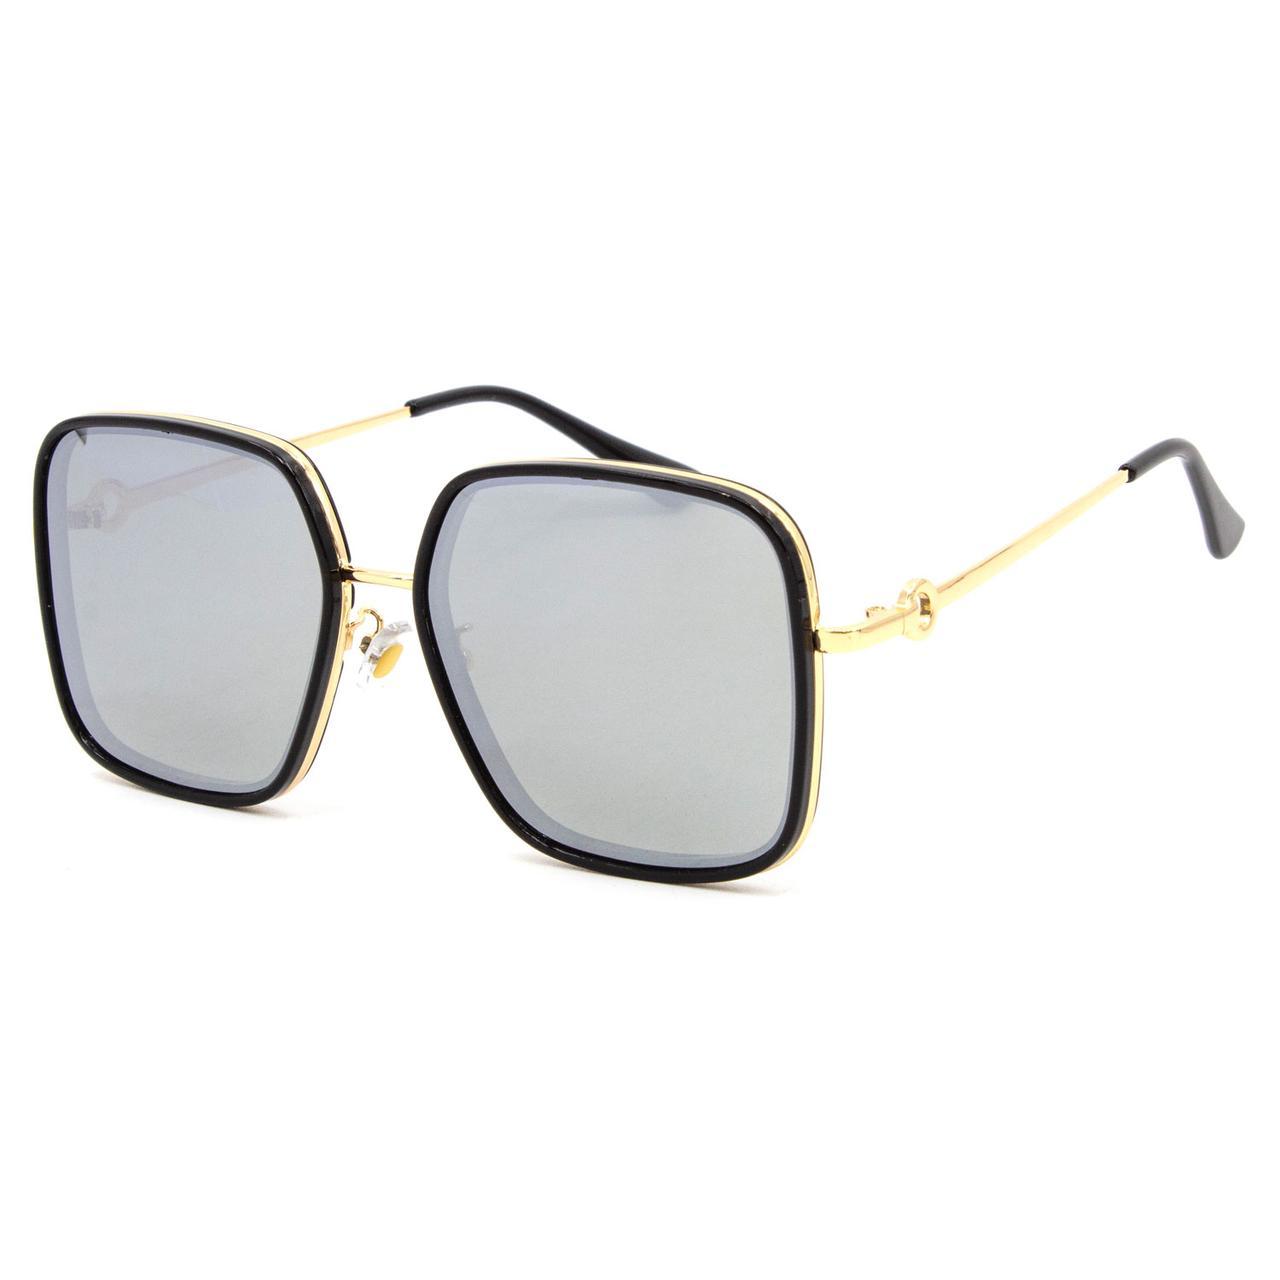 Солнцезащитные очки Marmilen Polar 3236 C3 черные с зеркальным покрытием   ( 3236-03 )